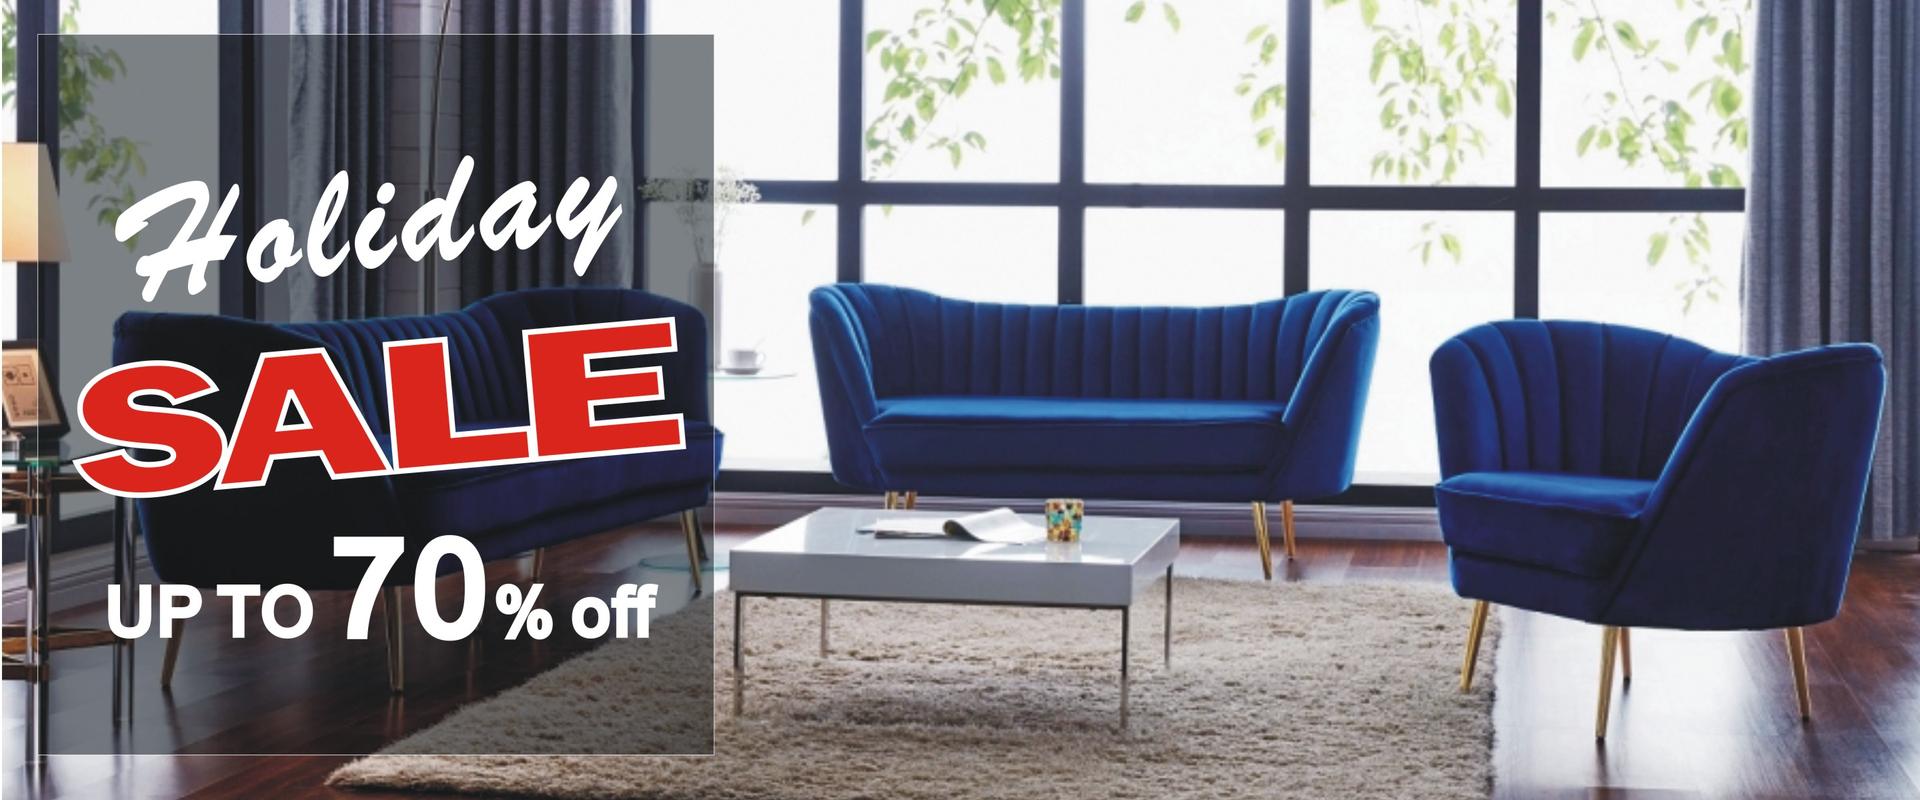 Fashion home interiors modern furniture houston · 2955 fondren rd houston tx 77063 ph 713 952 9292